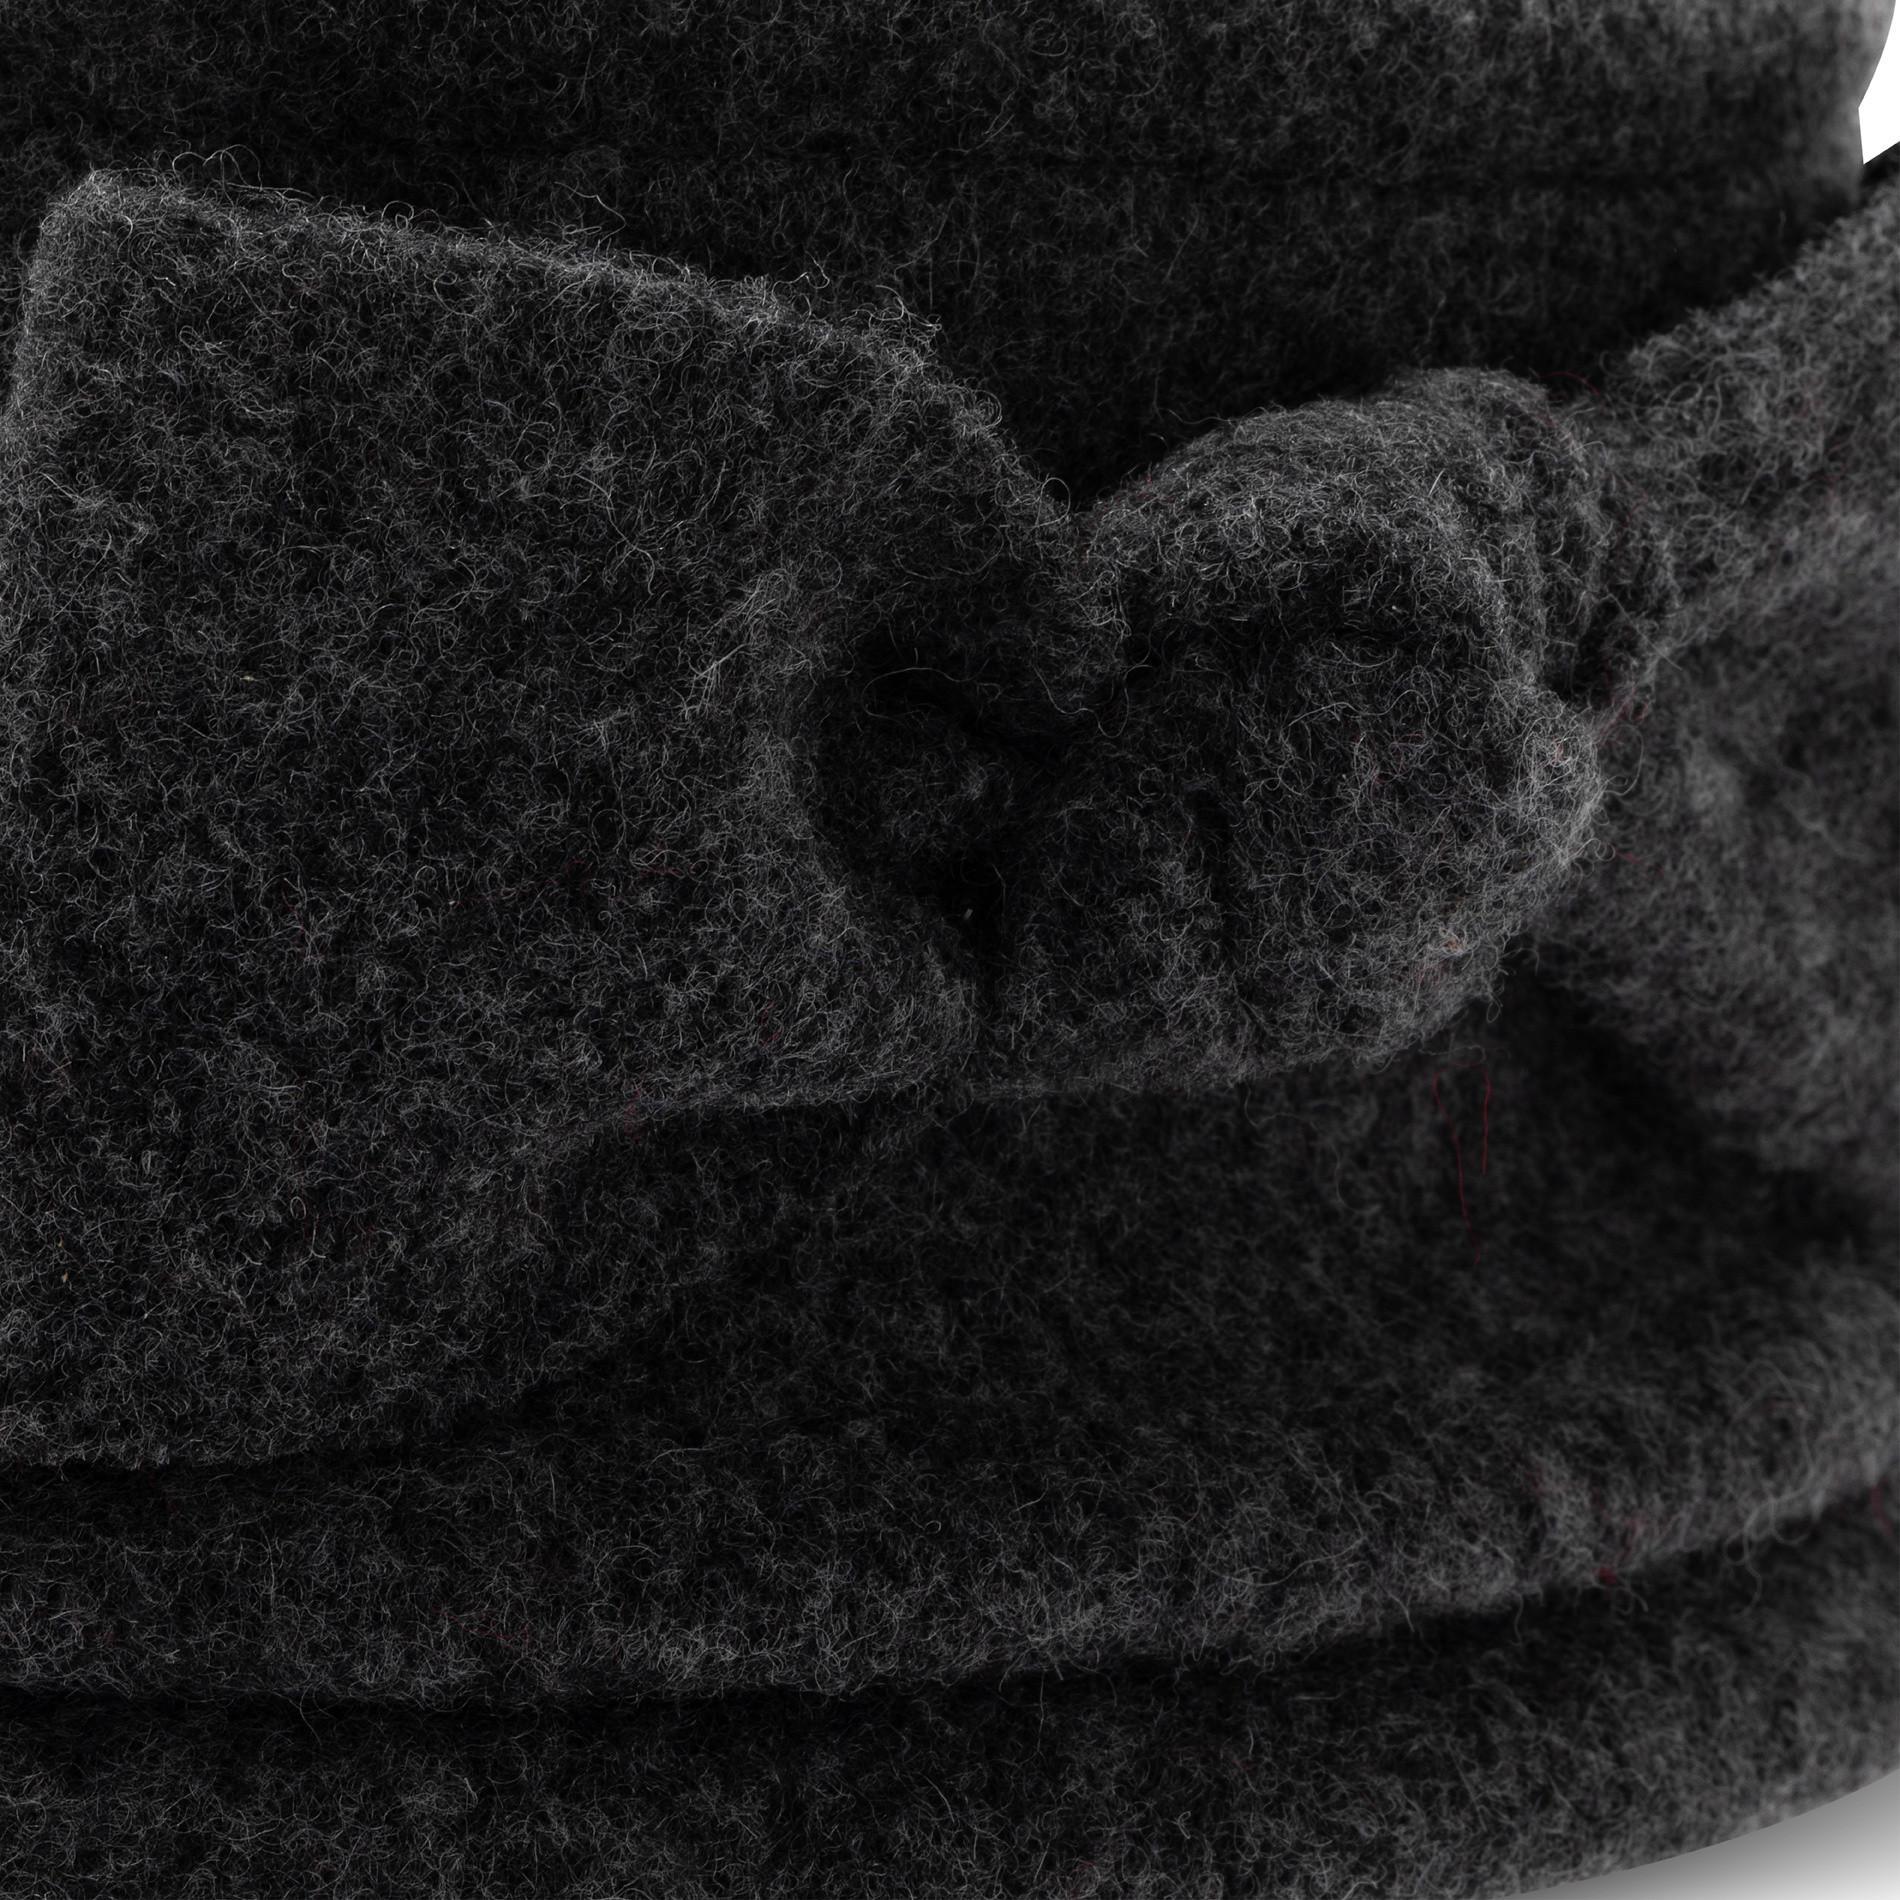 Berretto pura lana con fiocco Koan, Grigio scuro, large image number 1